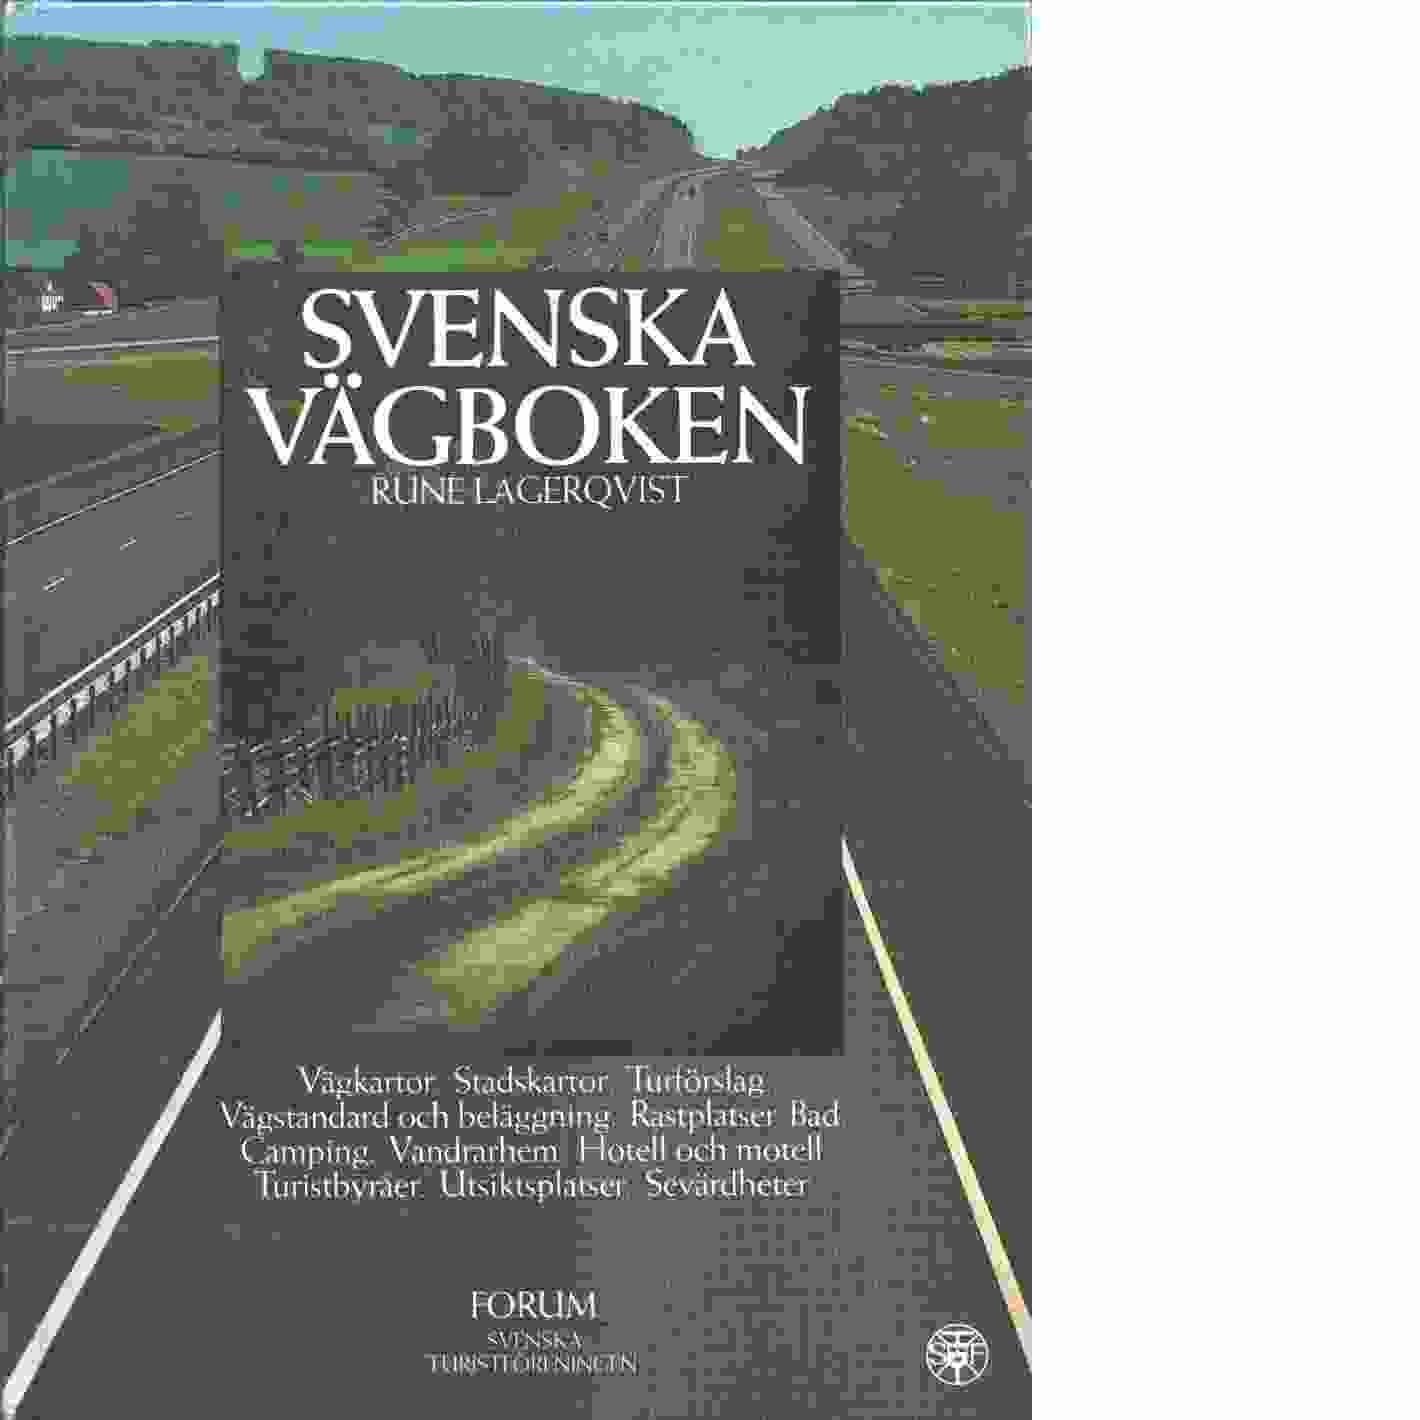 Svenska vägboken  -  Lagerqvist, Rune